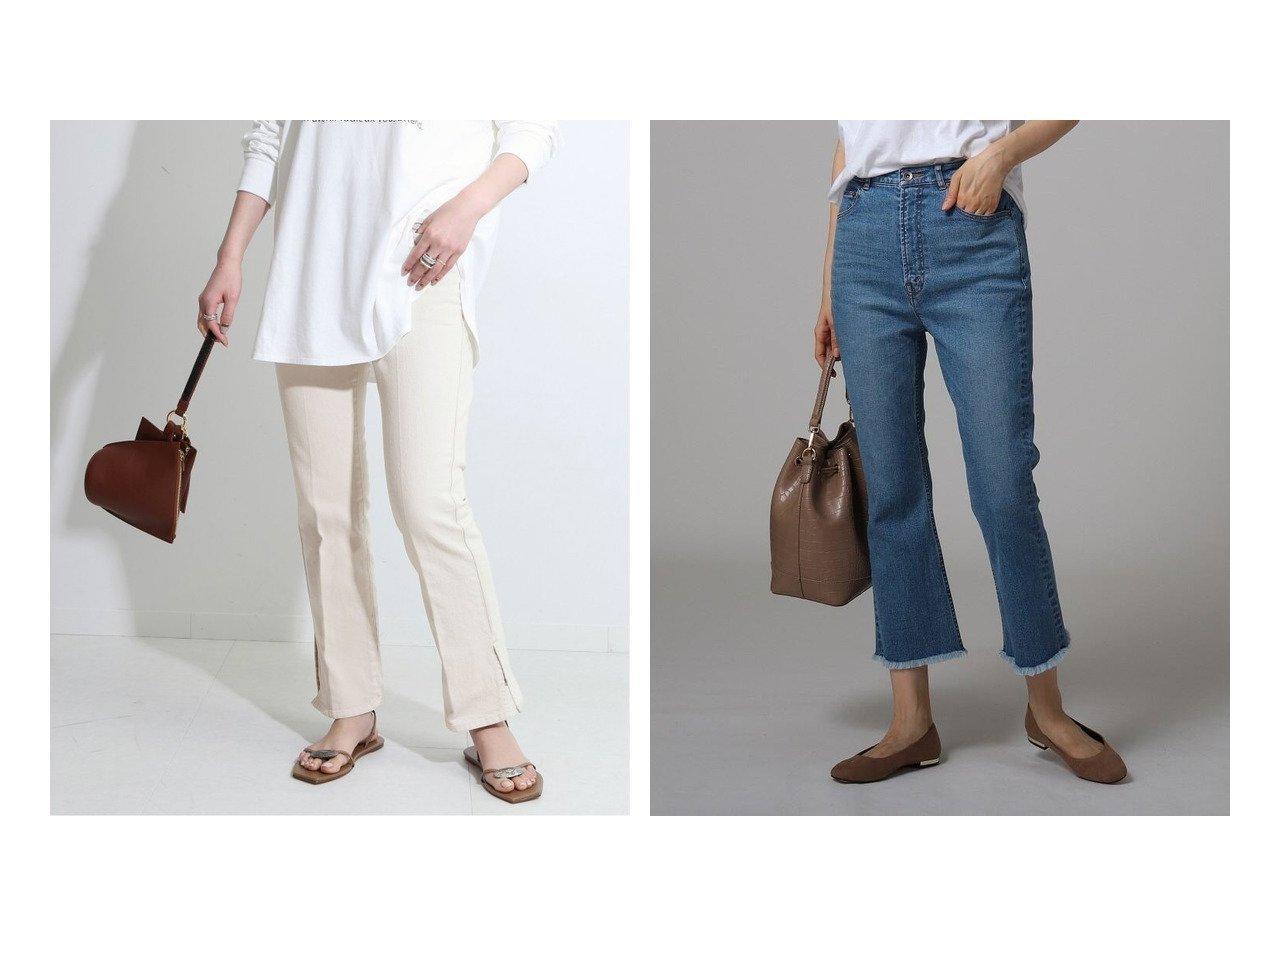 【UNTITLED/アンタイトル】の【洗える】フレアデニムパンツ&【Spick & Span/スピック&スパン】の【2】 BOOTY-LINE ペイントデニム 【パンツ】おすすめ!人気、トレンド・レディースファッションの通販 おすすめで人気の流行・トレンド、ファッションの通販商品 メンズファッション・キッズファッション・インテリア・家具・レディースファッション・服の通販 founy(ファニー) https://founy.com/ ファッション Fashion レディースファッション WOMEN パンツ Pants デニムパンツ Denim Pants クロップド ストレッチ デニム フリンジ フレア ブーティ ポケット 再入荷 Restock/Back in Stock/Re Arrival 洗える 2021年 2021 2021春夏・S/S SS/Spring/Summer/2021 S/S・春夏 SS・Spring/Summer カットオフ コレクション ストレート センター バランス |ID:crp329100000029099